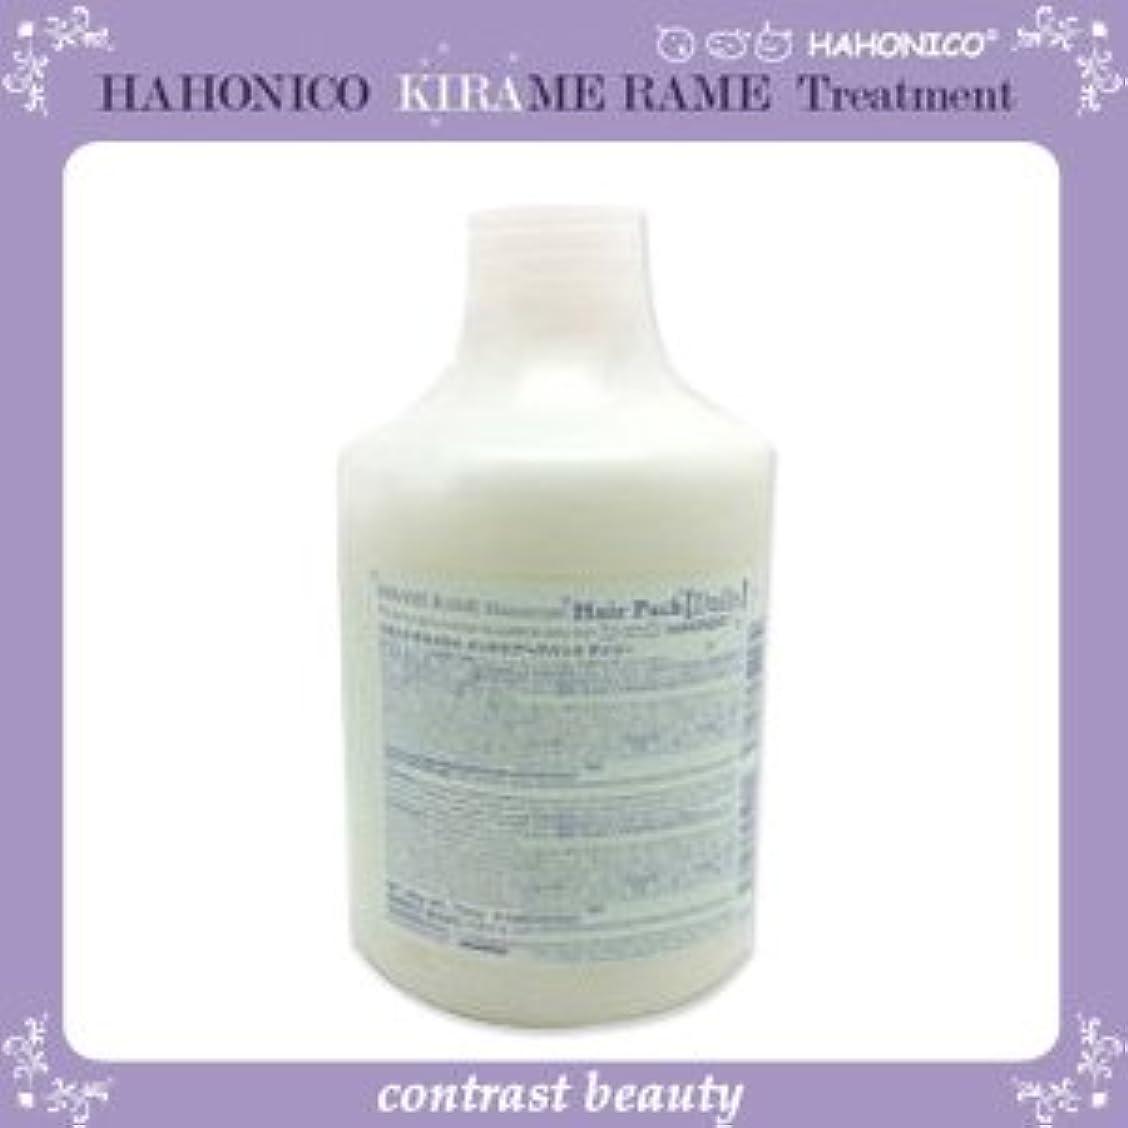 本物の夢中勧告【X3個セット】 ハホニコ キラメラメ メンテケアヘアパックデイリー 500g KIRAME RAME HAHONICO